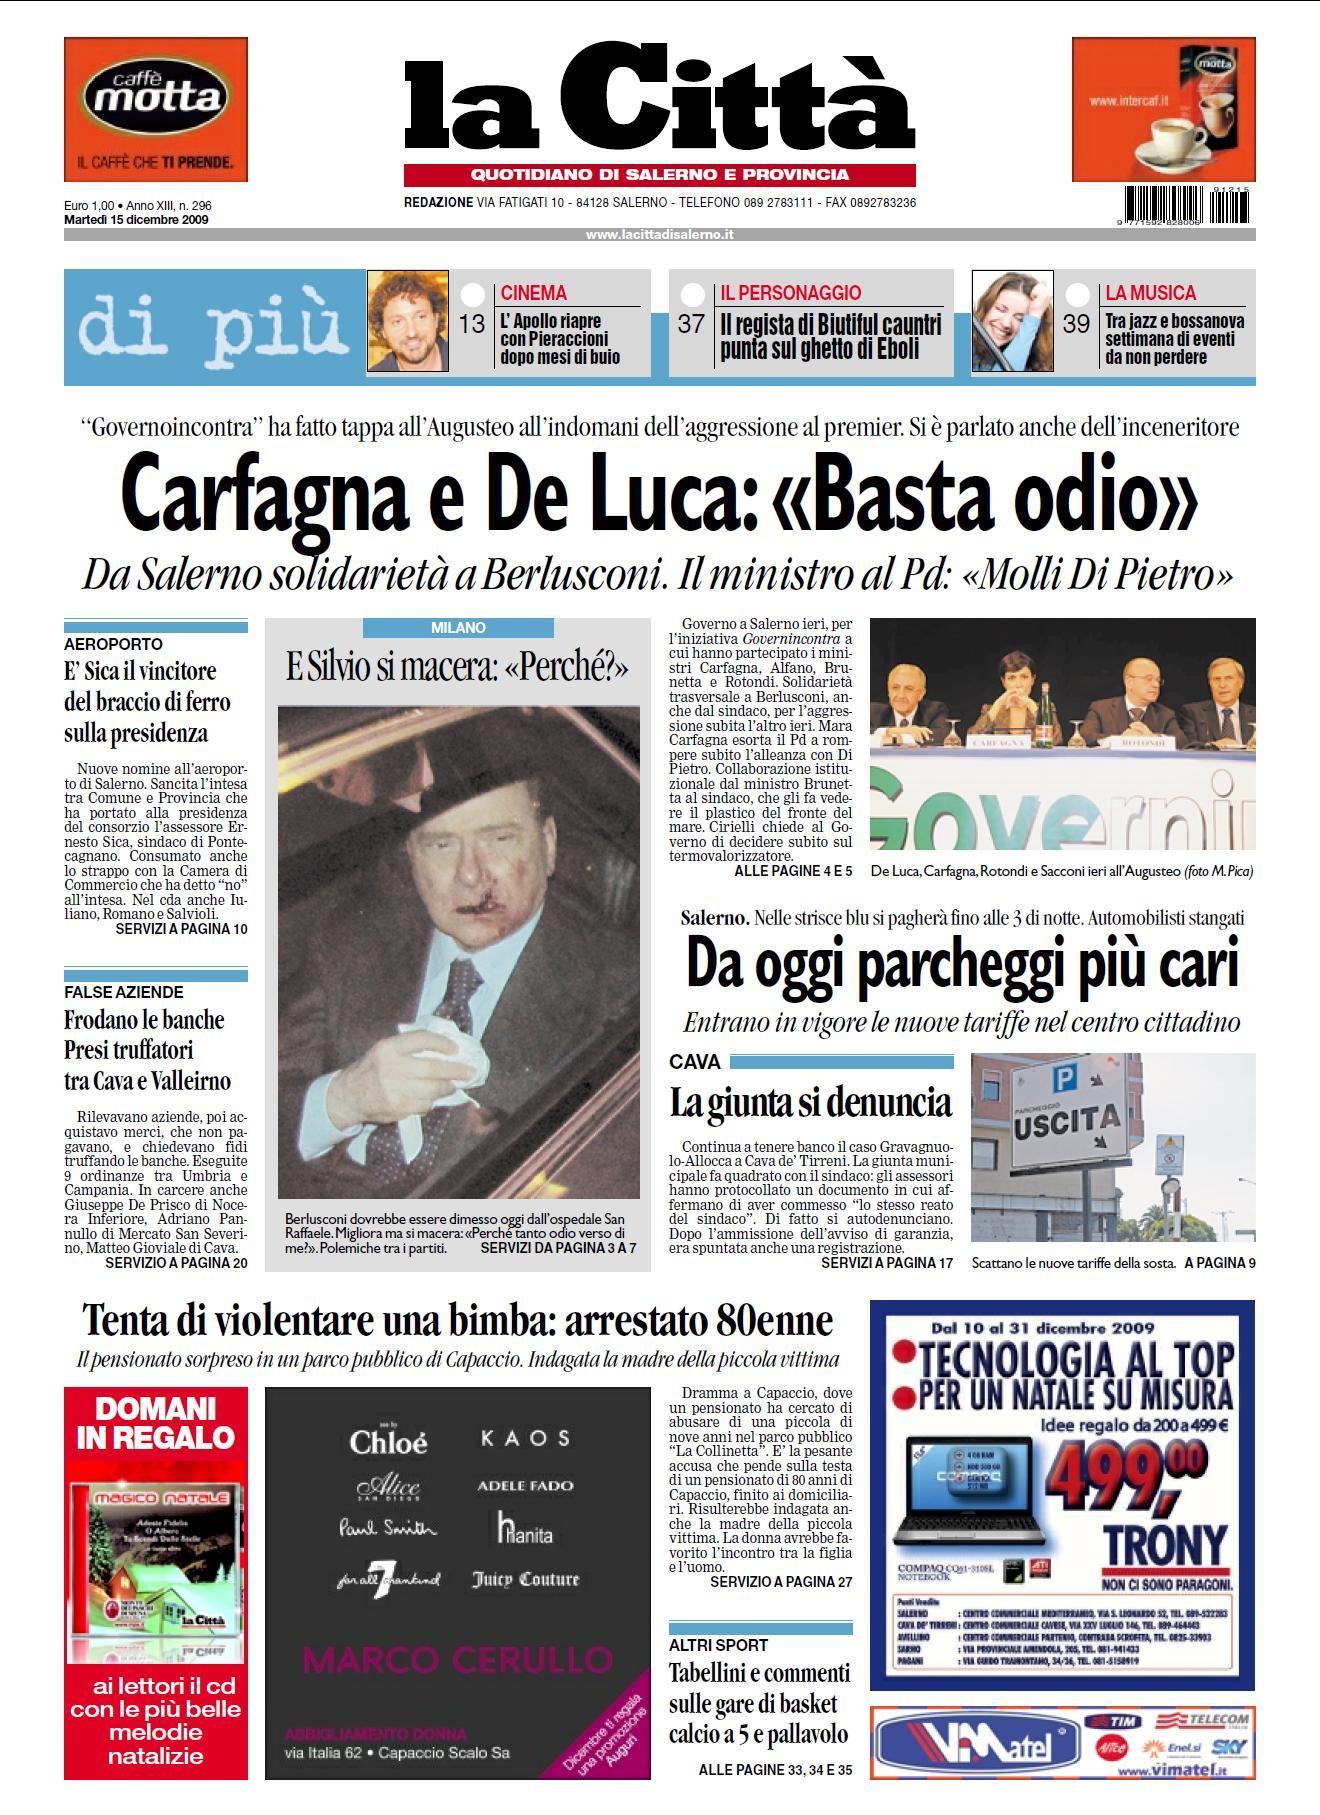 LA CITTA DI SALERNO 15 DICEMBRE 2009